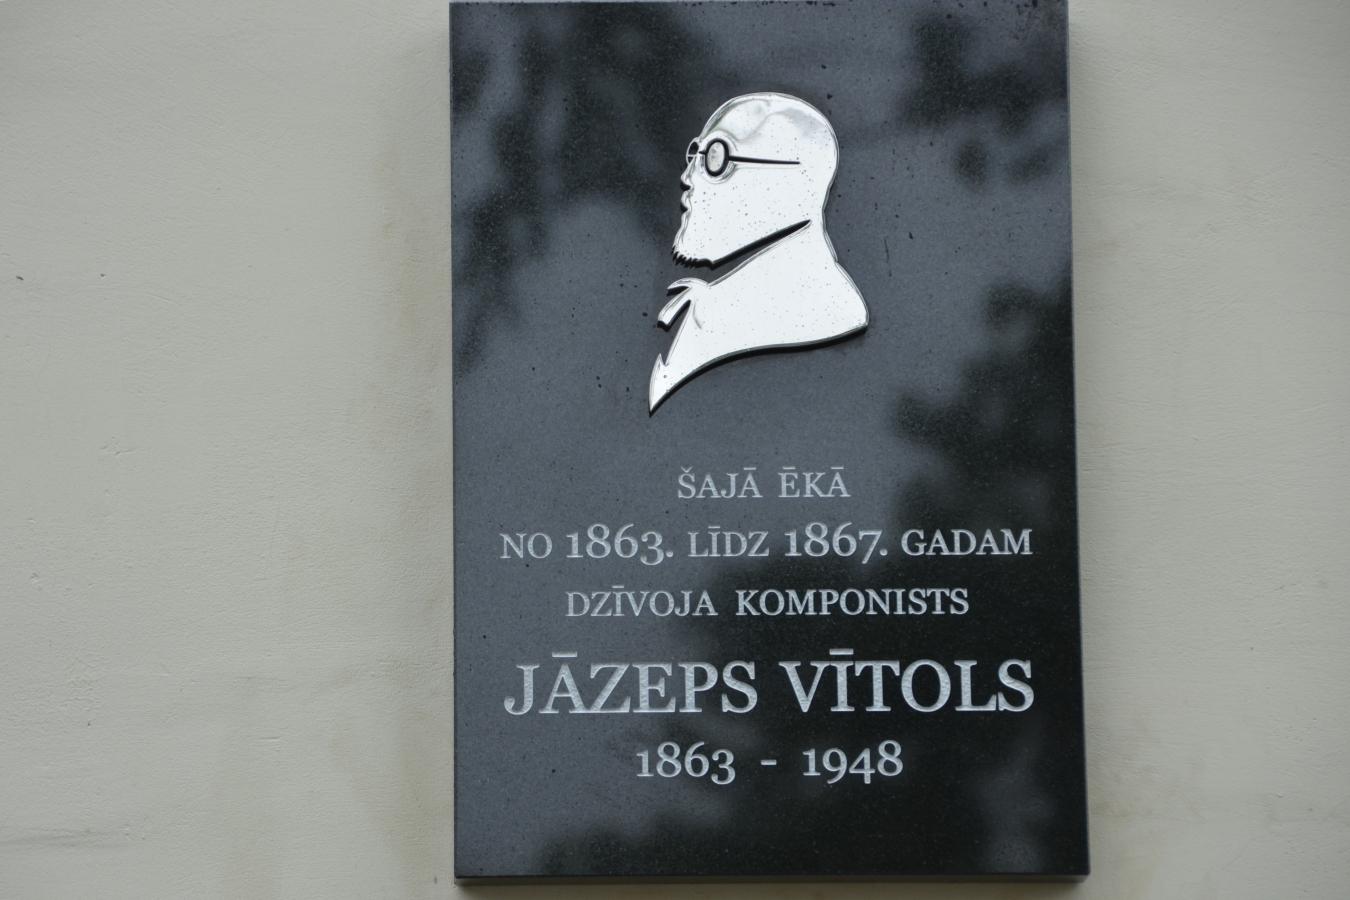 Skulptūra Jāzepa Vītola piemiņai Mazais vijolnieks Галерея